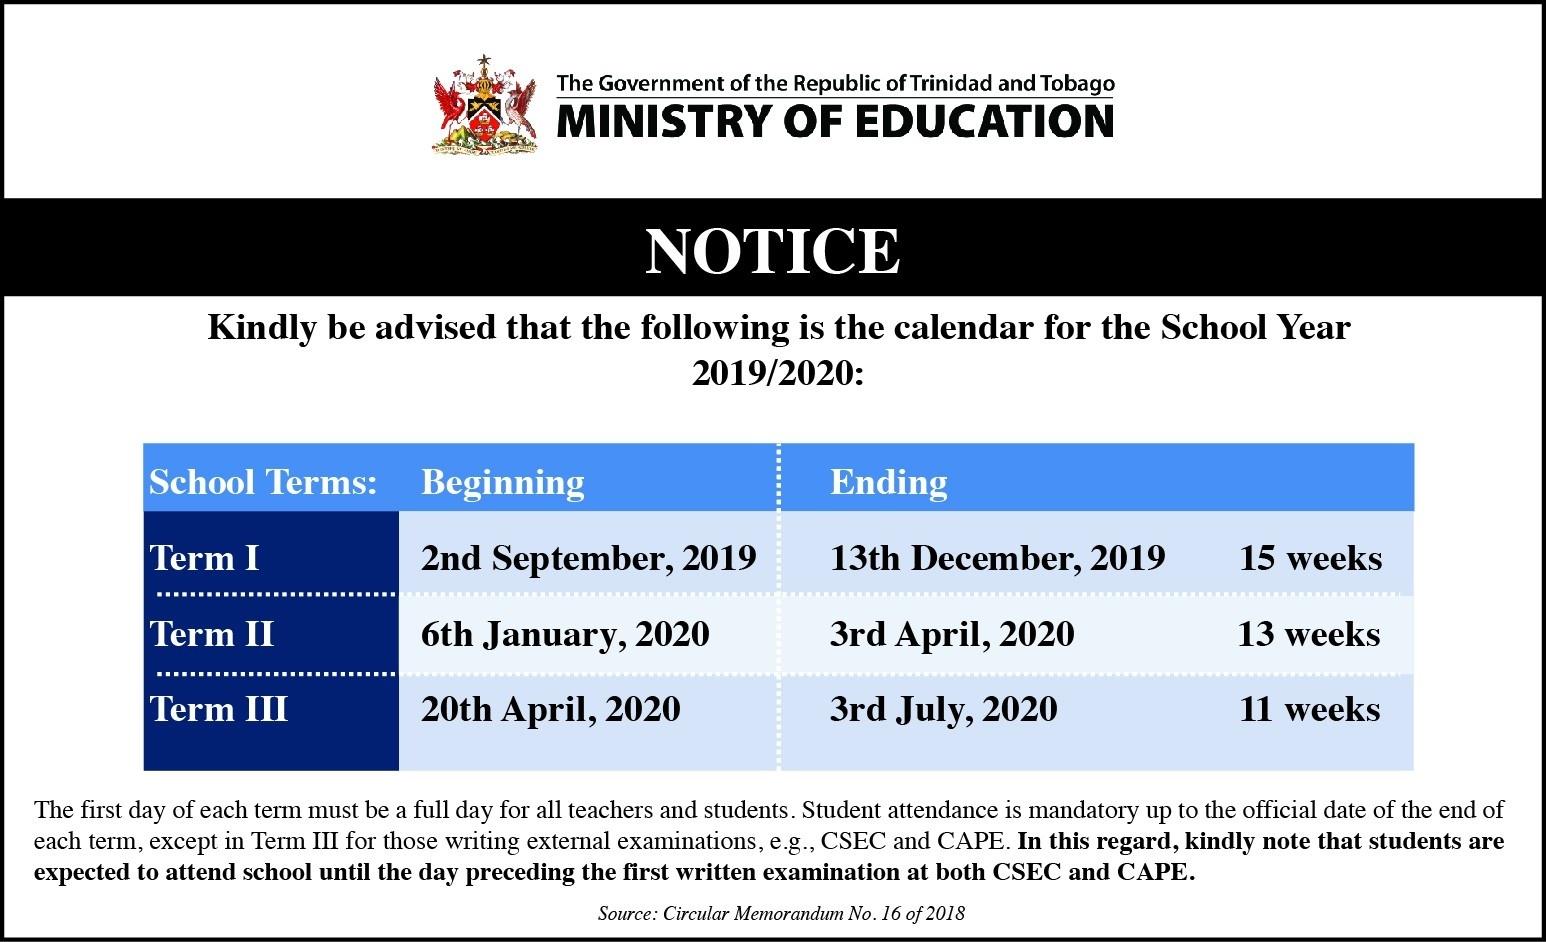 Trinidad And Tobago School Calendar 2019 And 2020 - Publicholidays.la_School Calendar Trinidad 2020